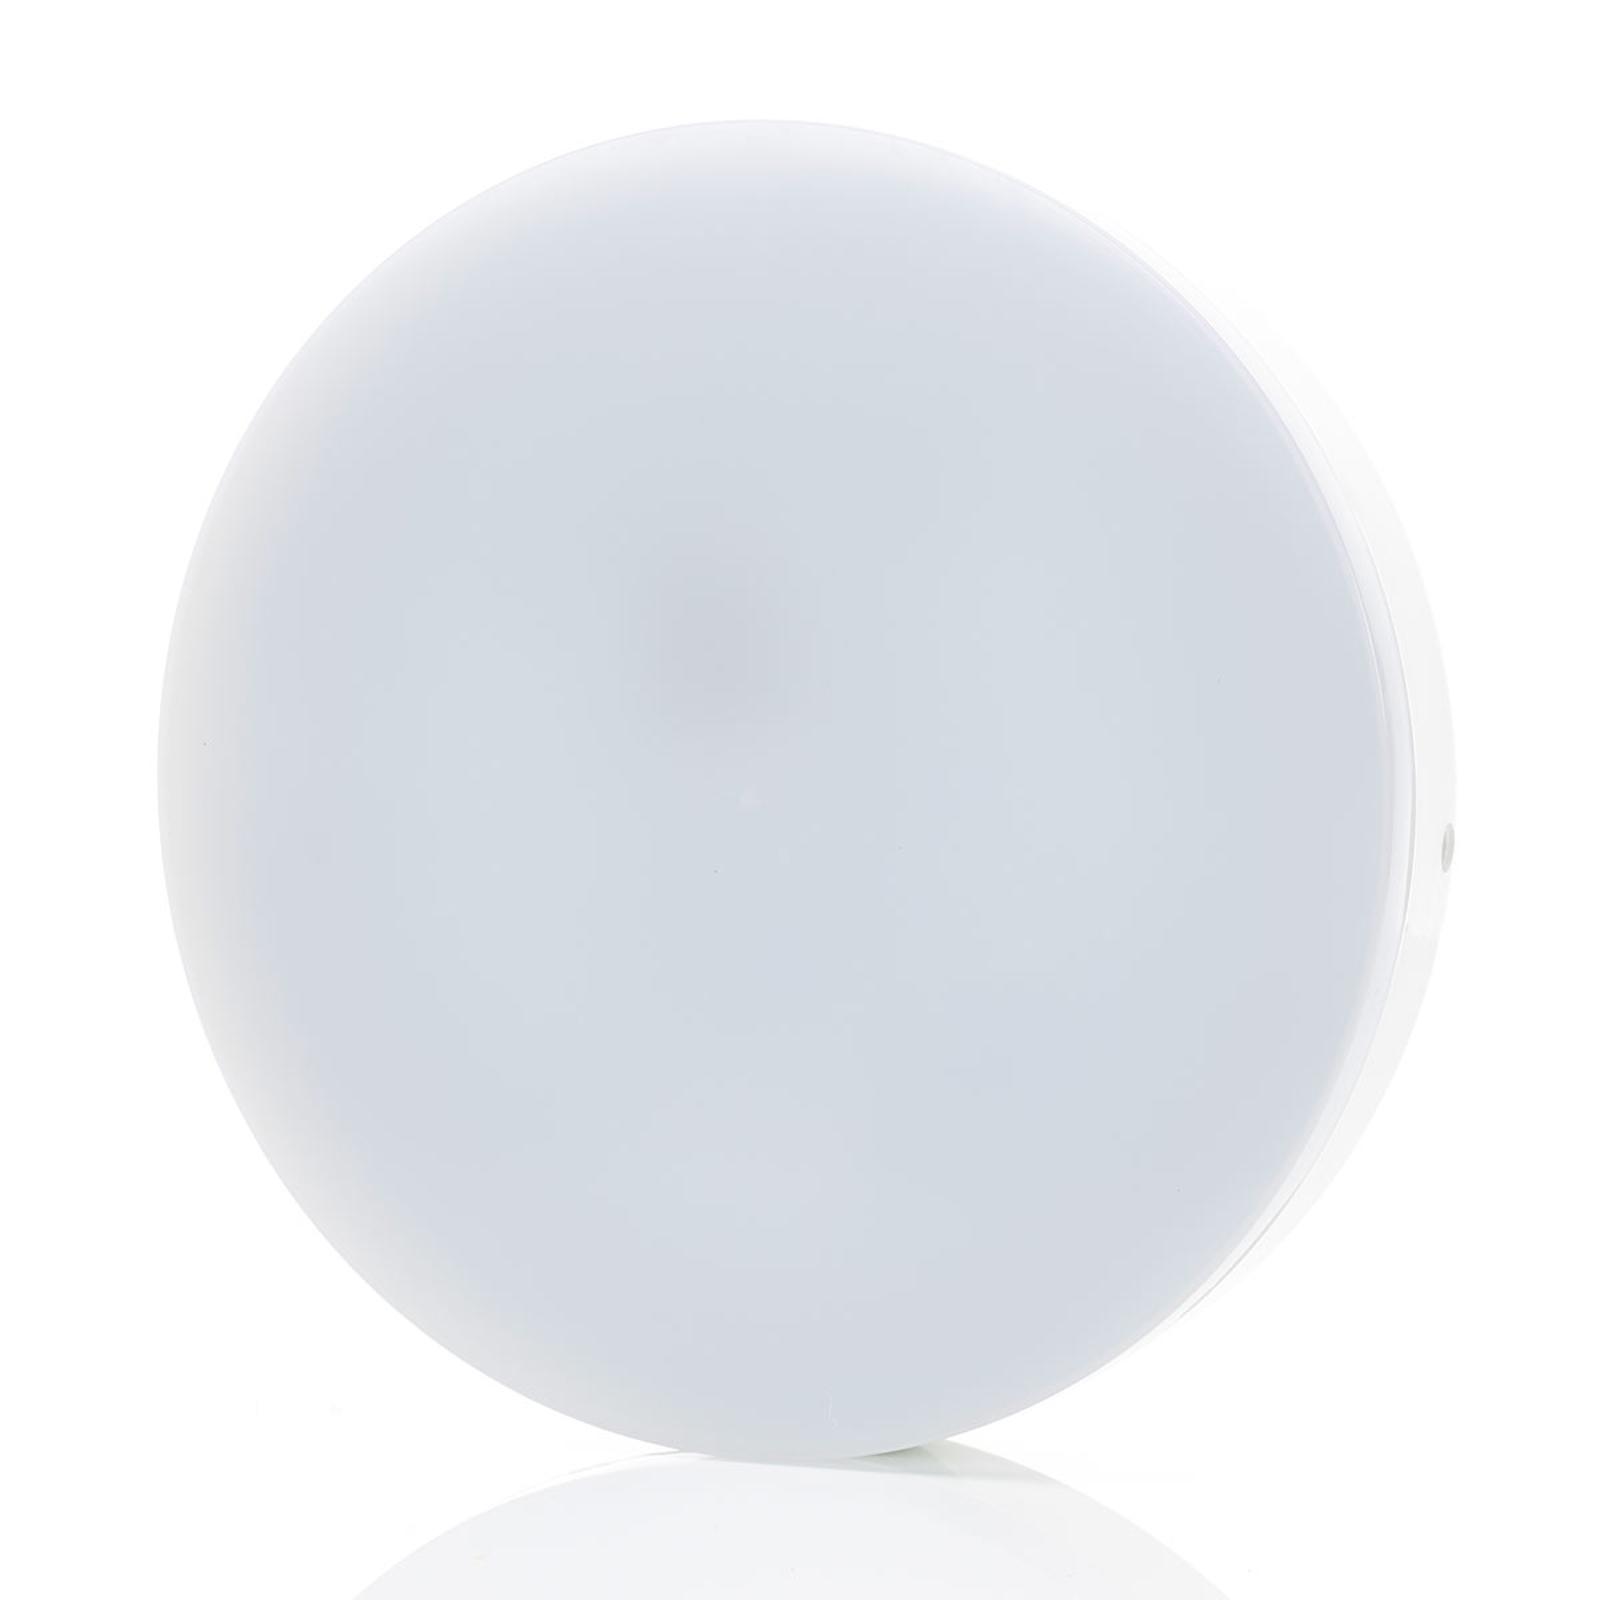 Mit Sensor - LED-Deckenlampe Office Round